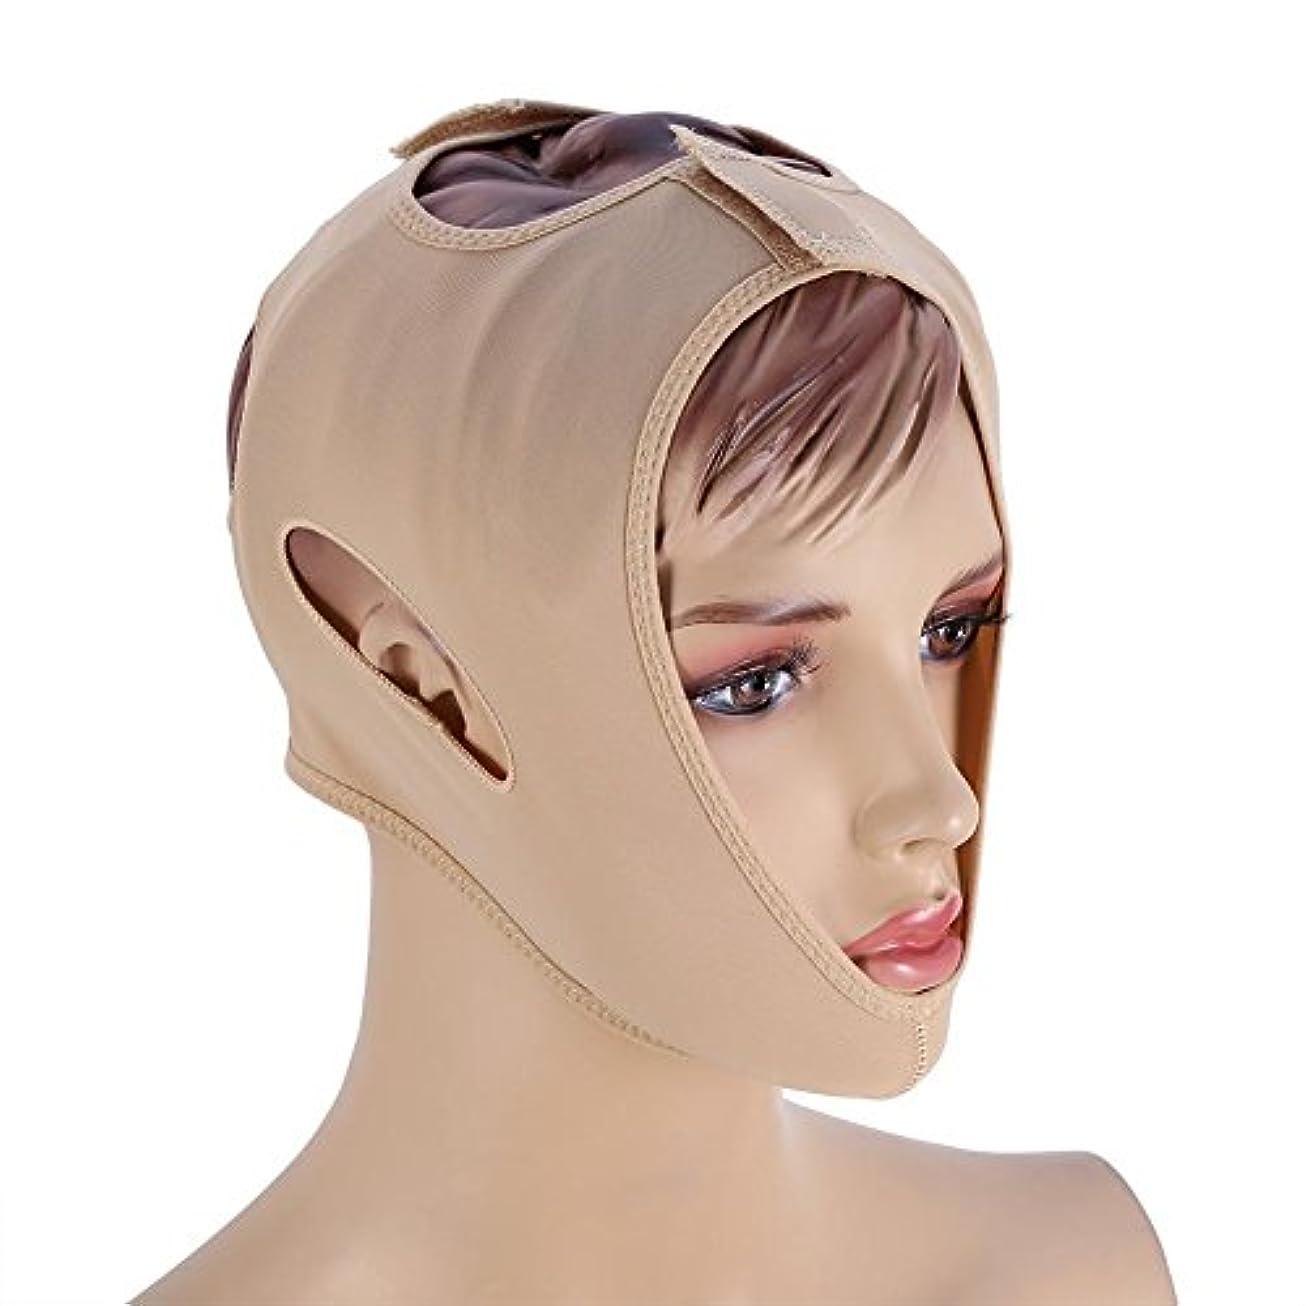 成功する苗議題フェイスベルト 額、顎下、頬リフトアップ 小顔 美顔 頬のたるみ 引き上げマスク便利 伸縮性 繊維 (L码)